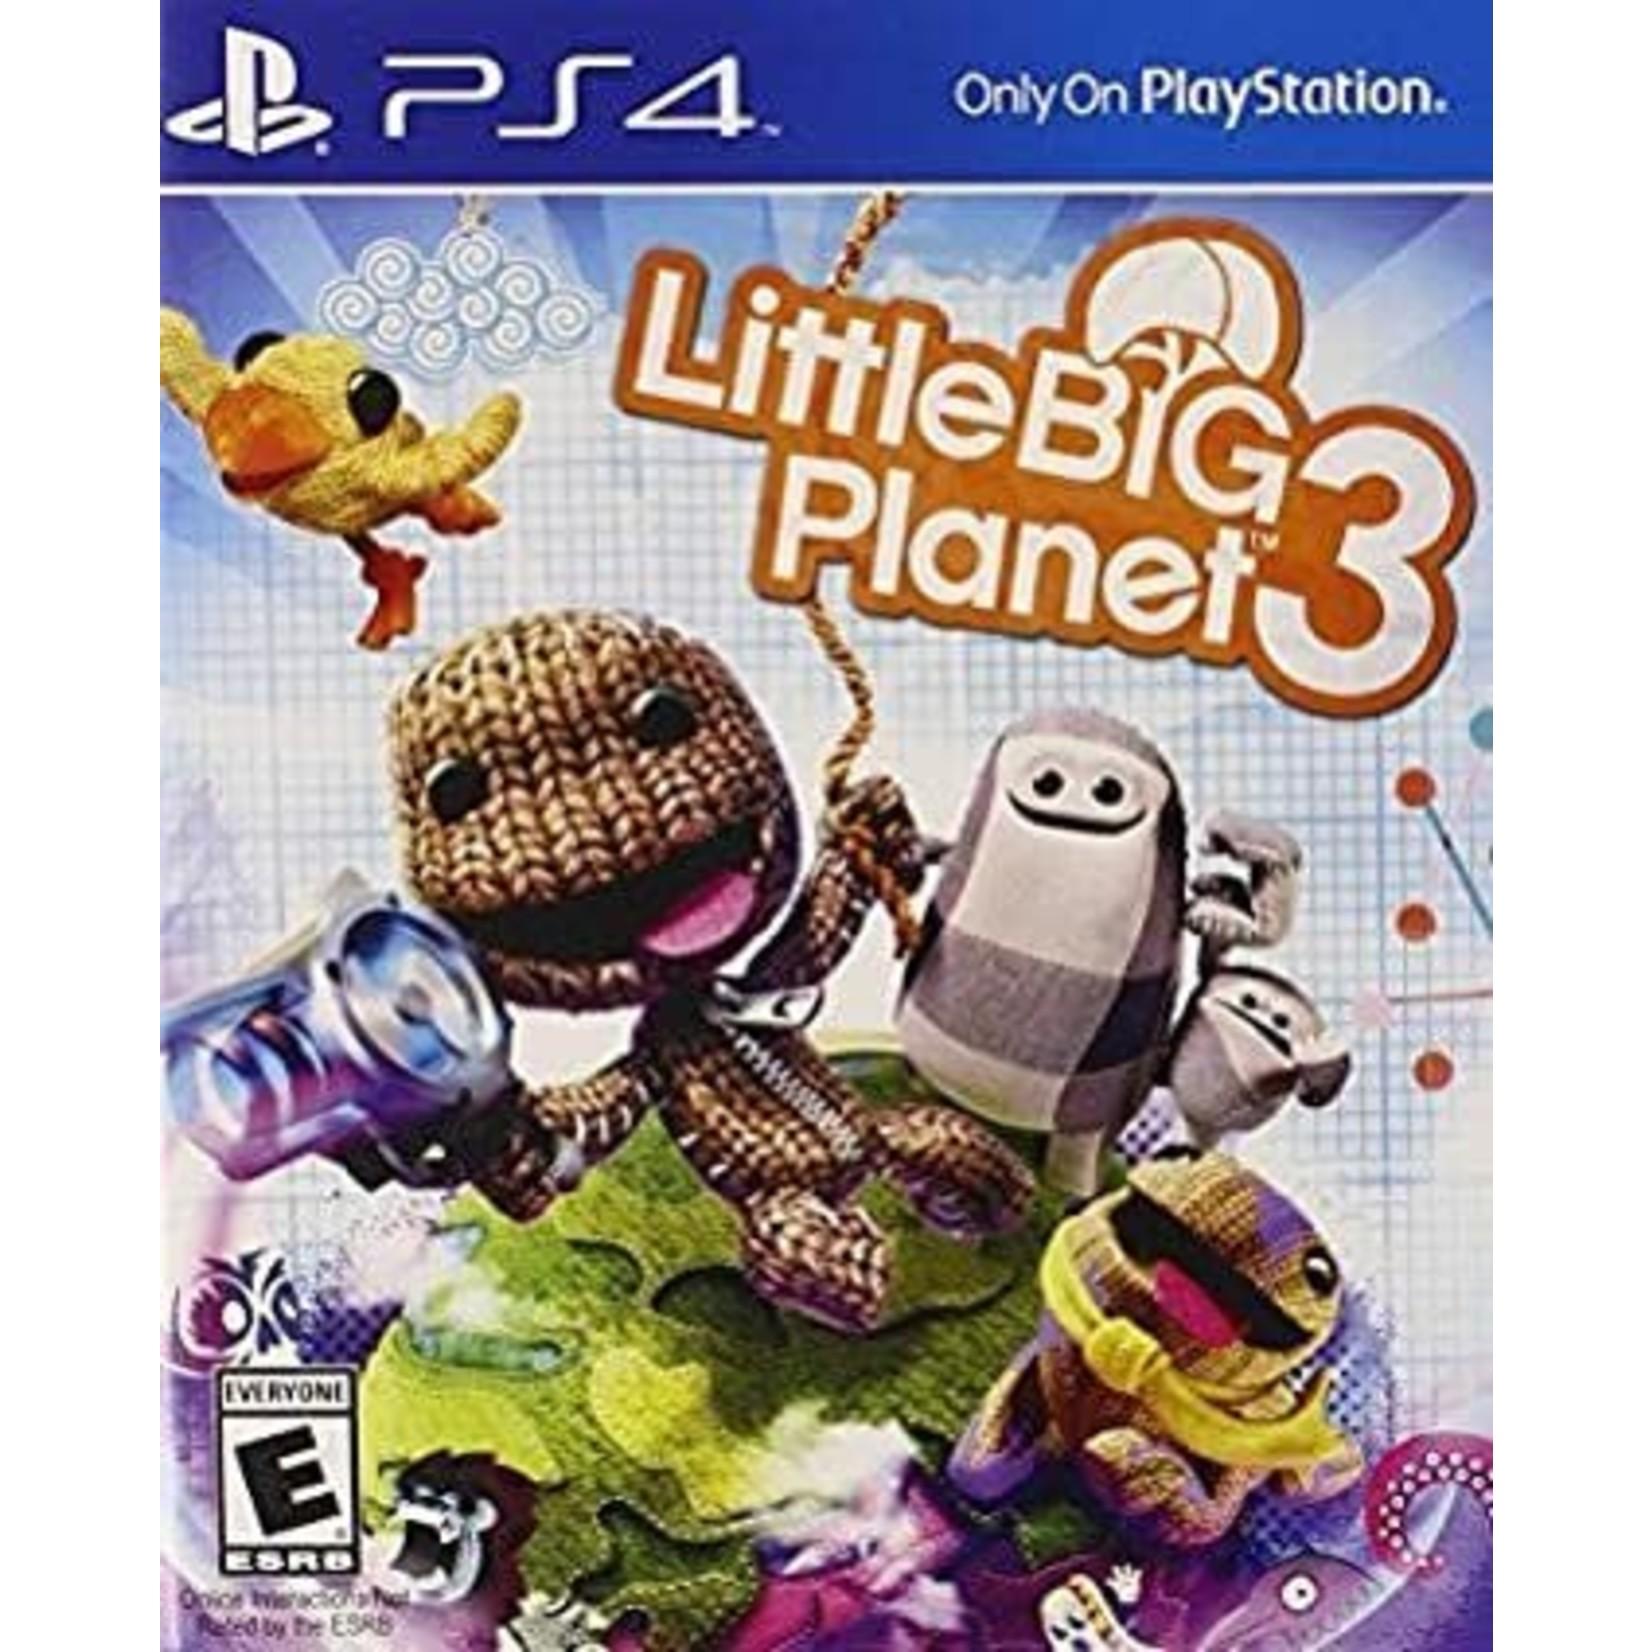 ps4-LittleBigPlanet 3